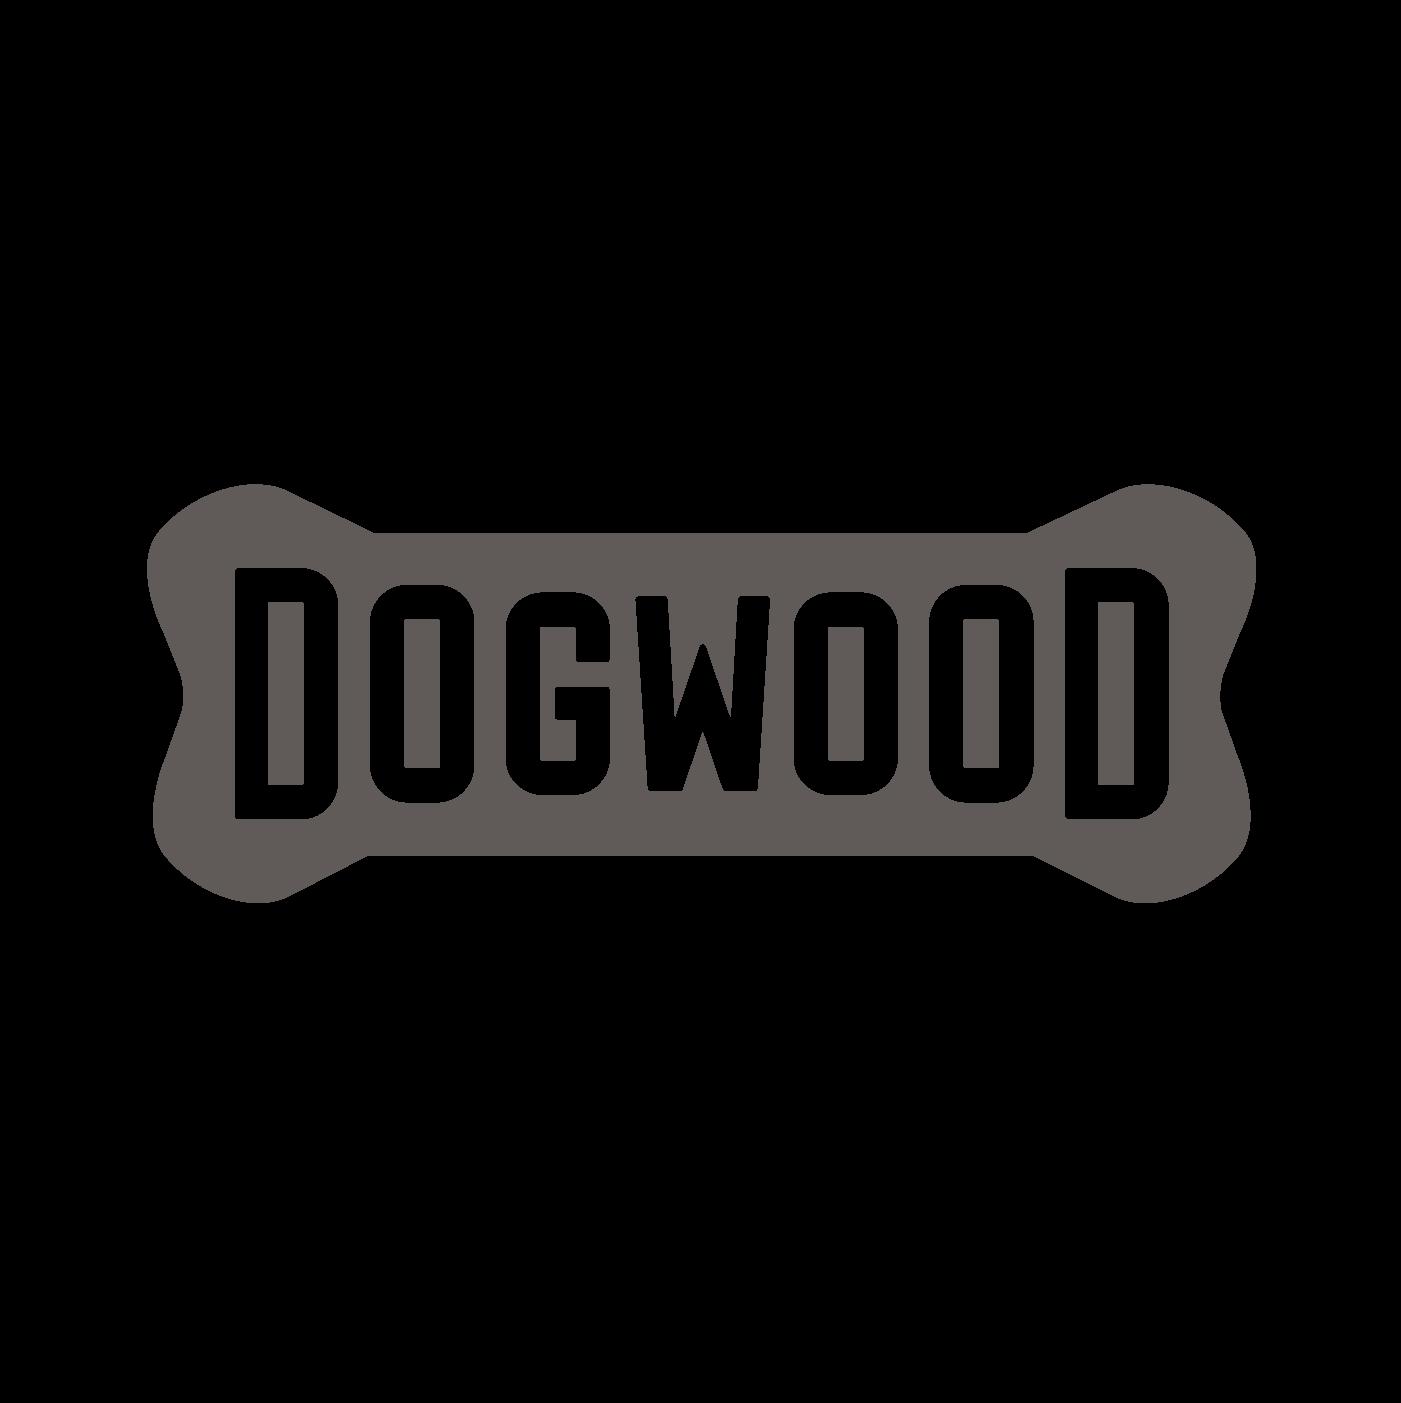 dogwood-01.png